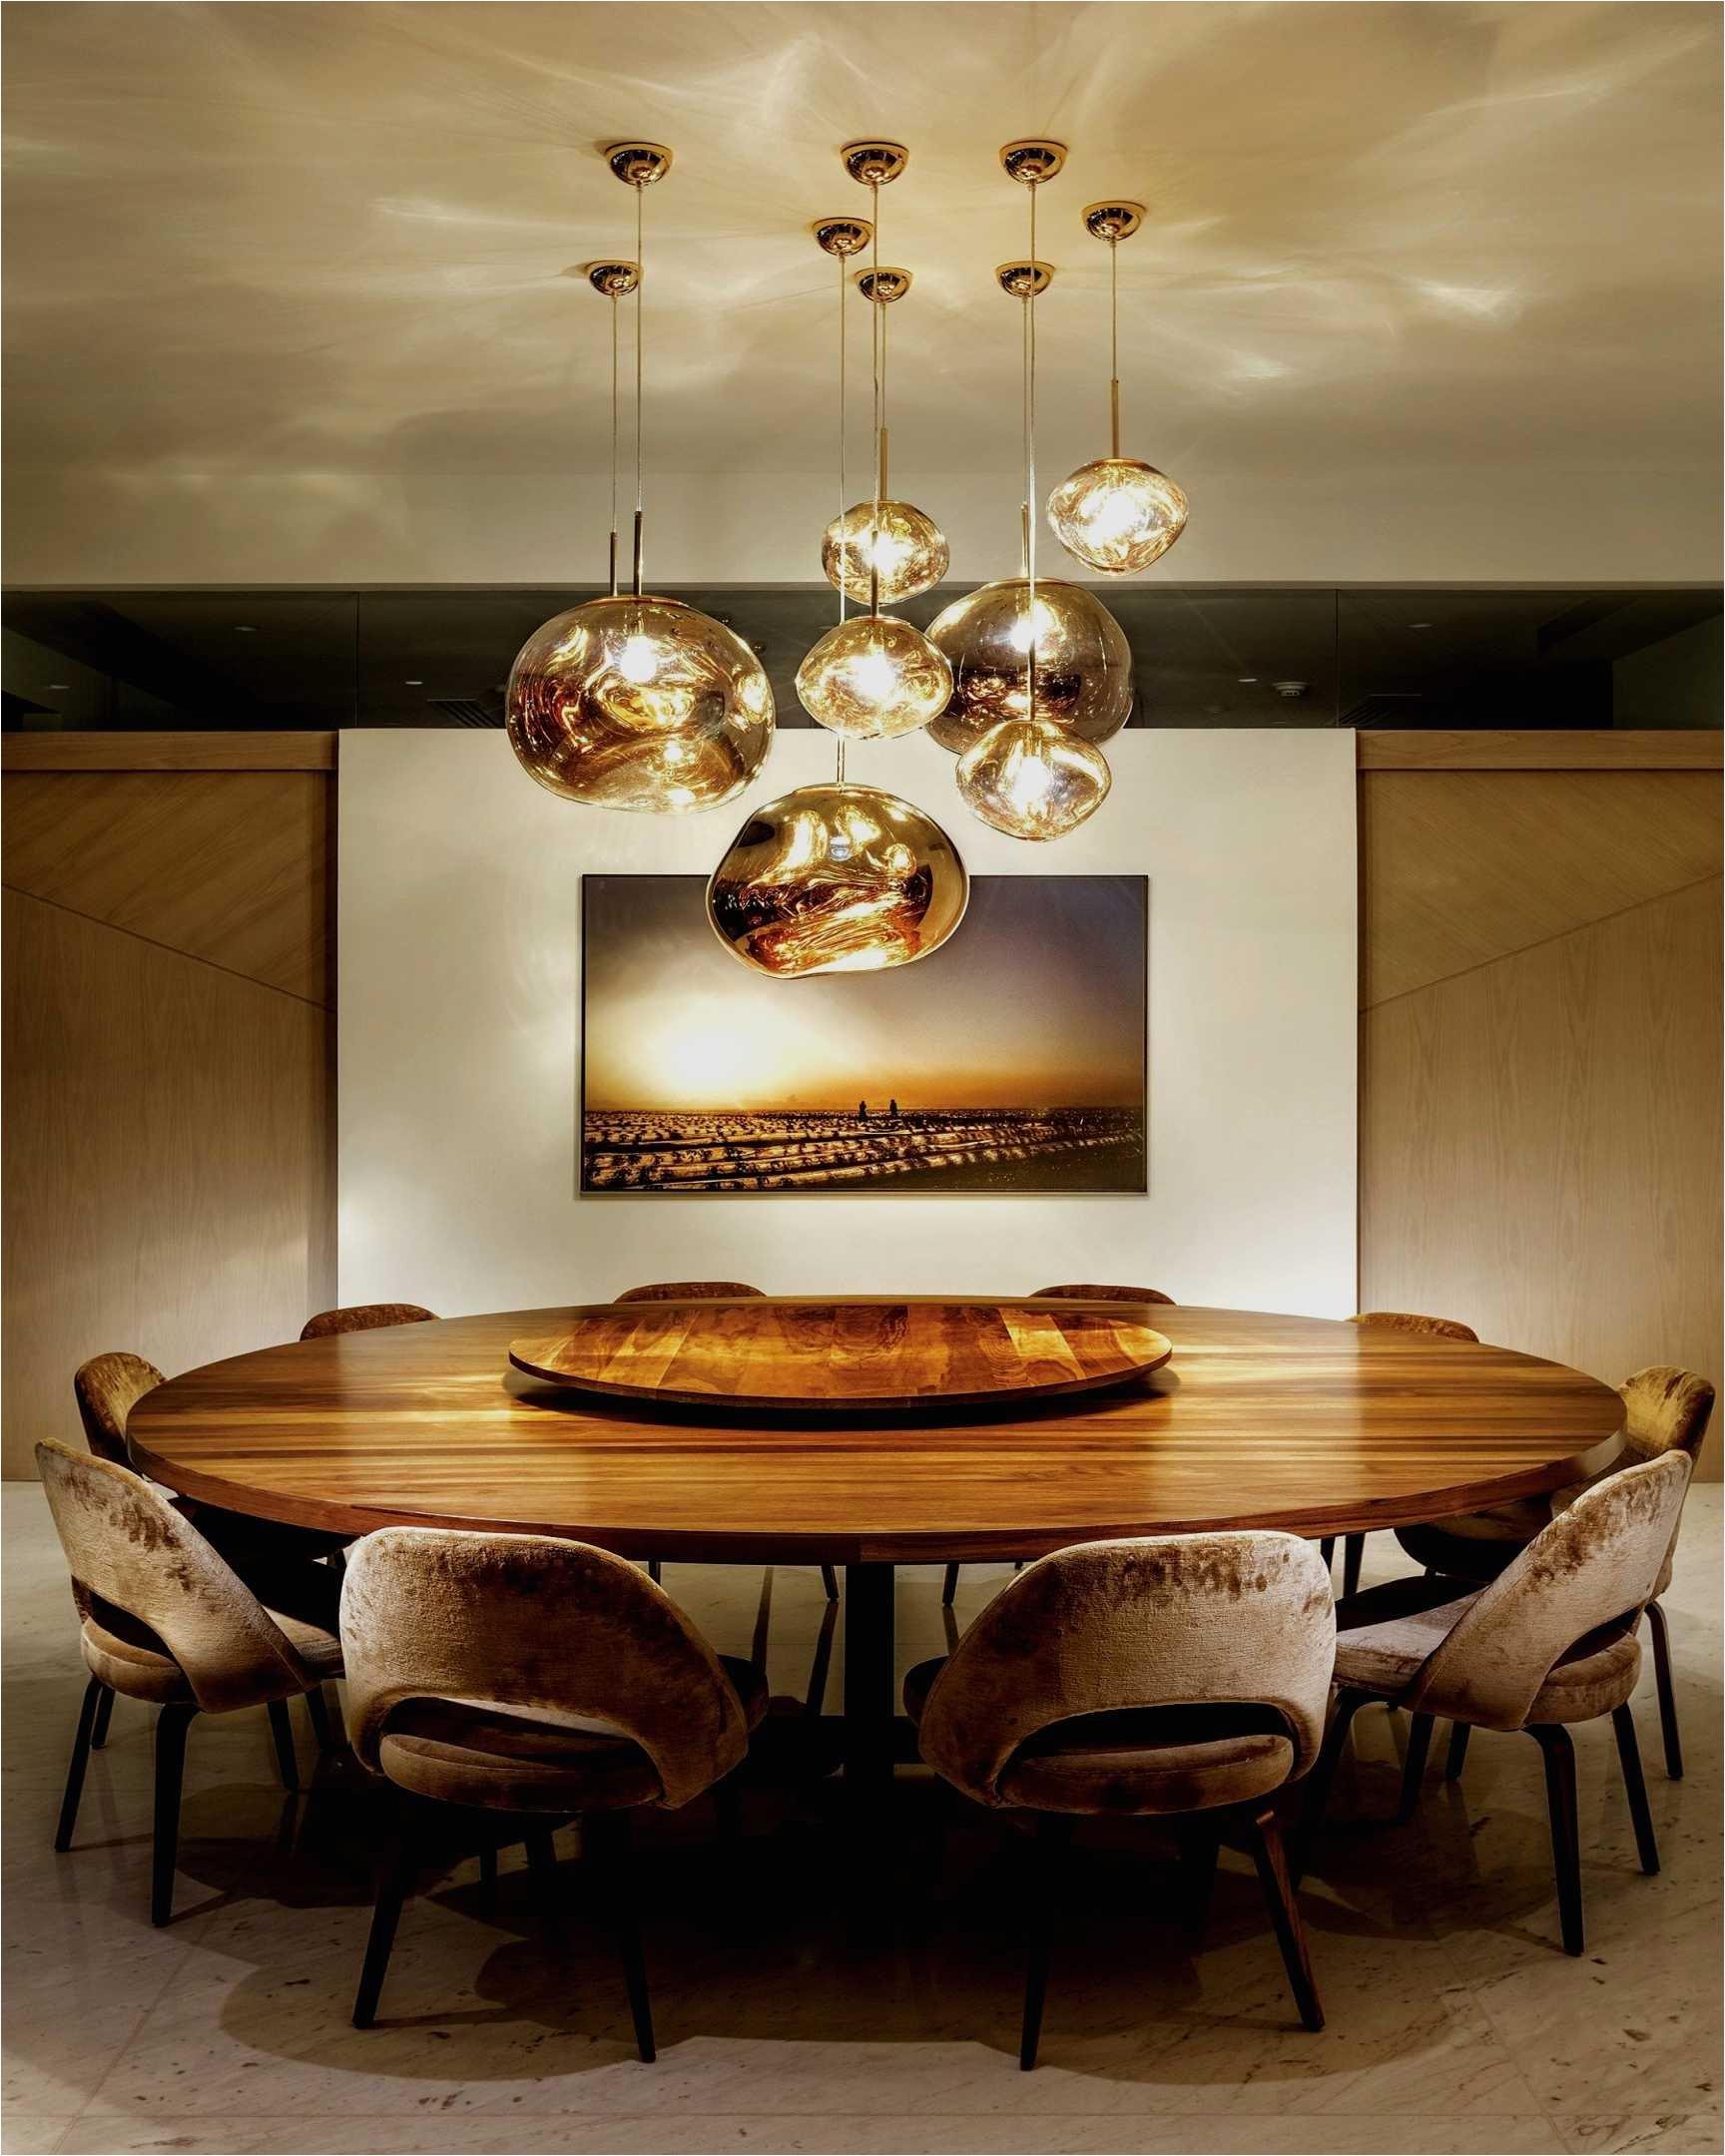 Outdoor Light Fixtures Unique Inspirational Lighting Lighting 0d · Chandeliers for Dining Room